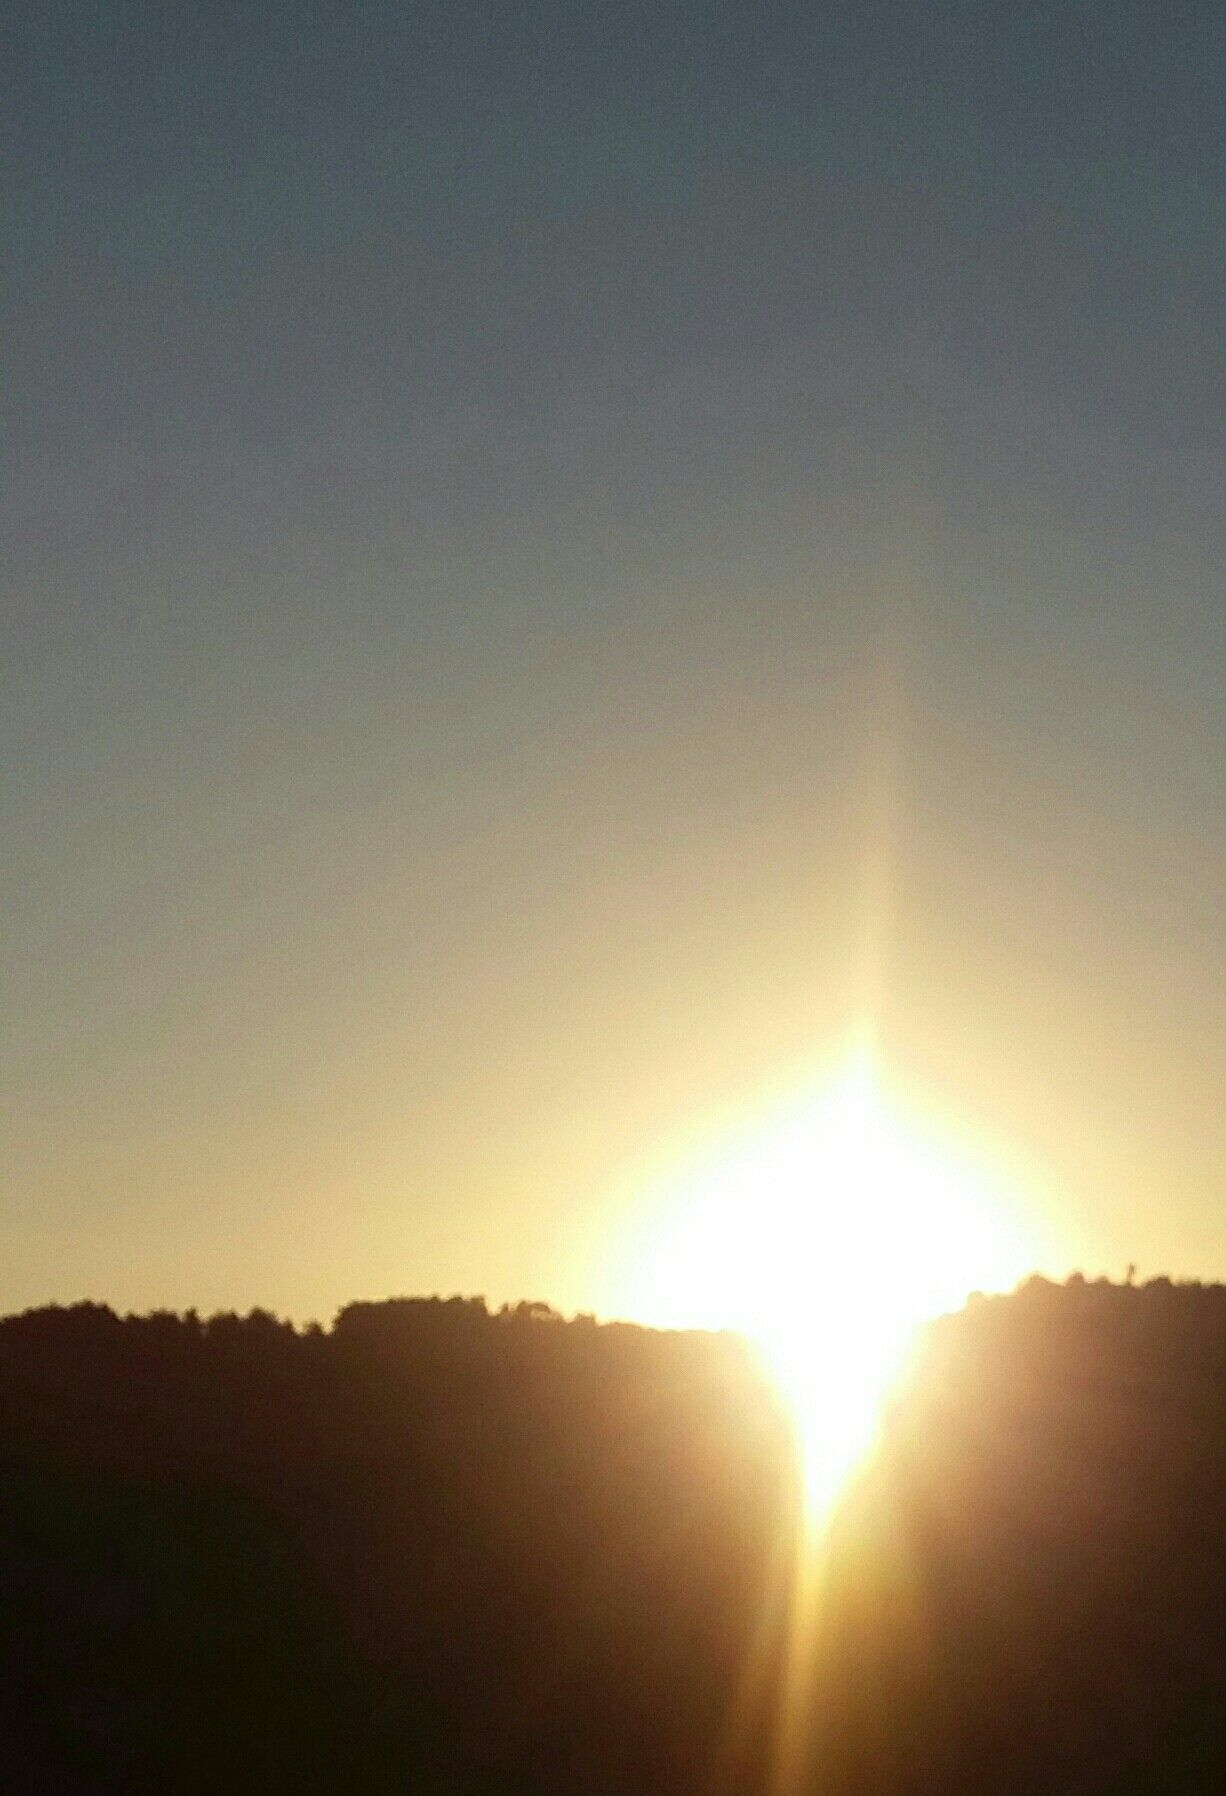 شروق الشمس شمال فلسطين Celestial Sunset Outdoor